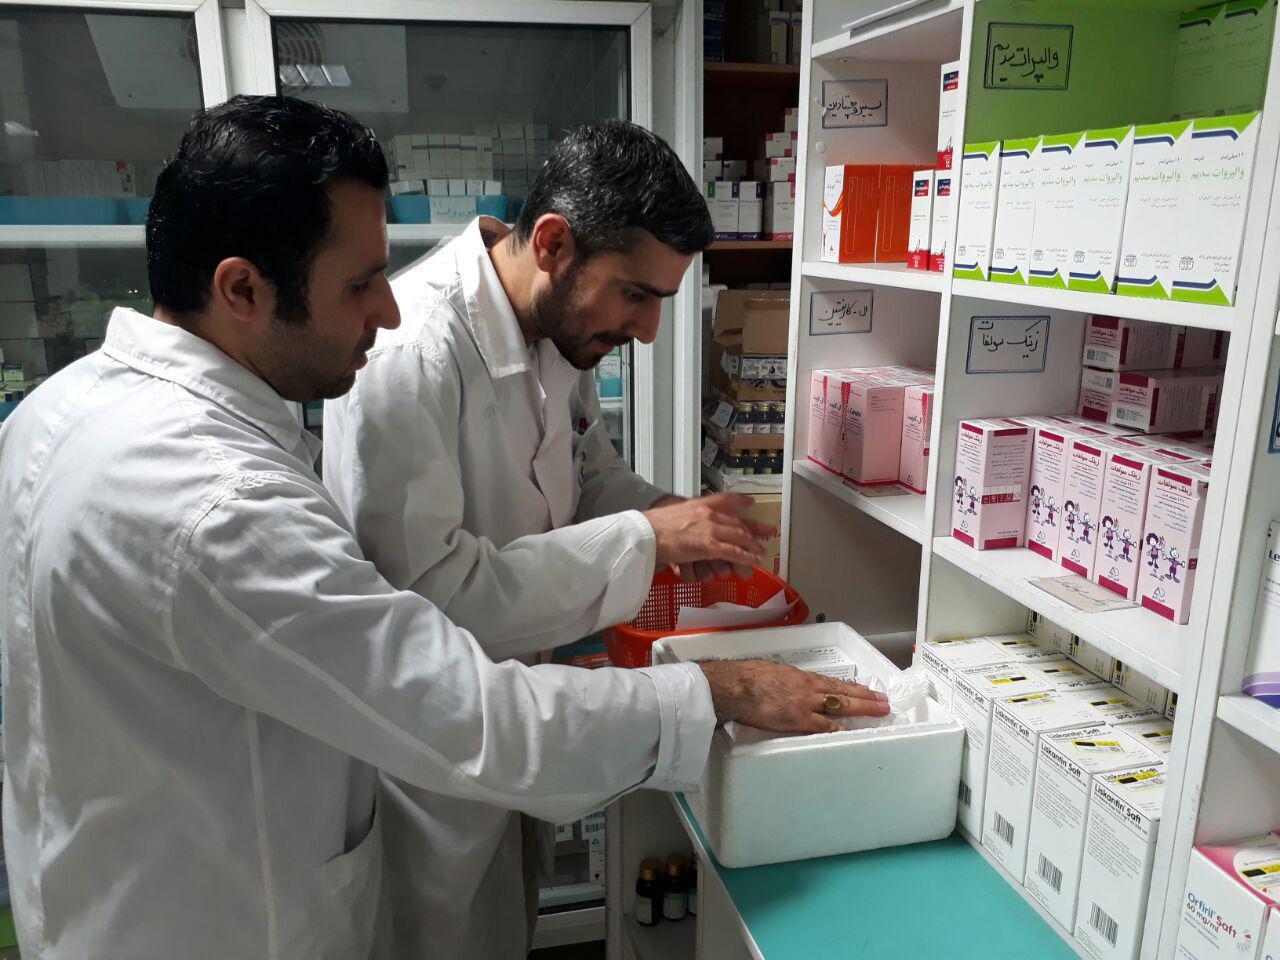 اولین محموله داروی بیماران خاص به بیمارستان صحرایی ارتش در سرپل ذهاب تحویل شد